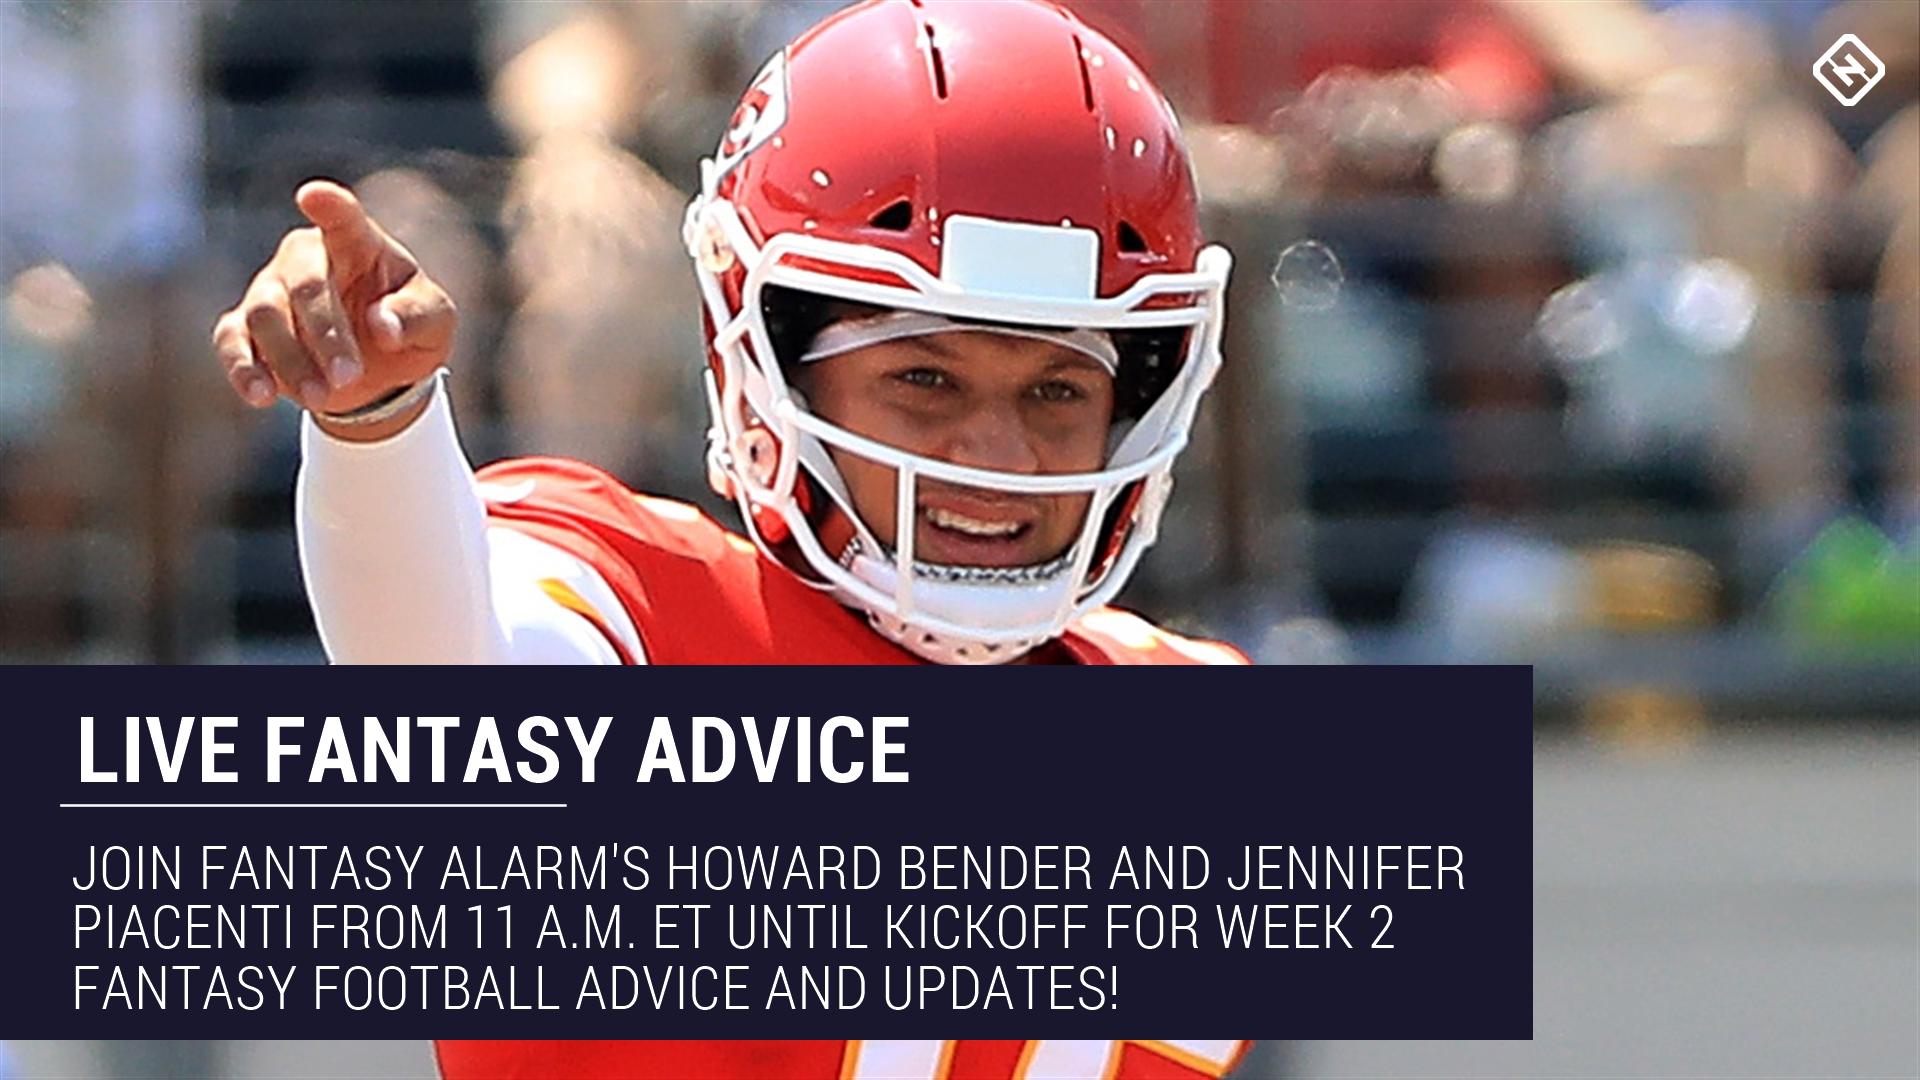 Live Week 2 Fantasy Football Advice: Injury updates, start 'em sit 'em, NFL DFS tips, more